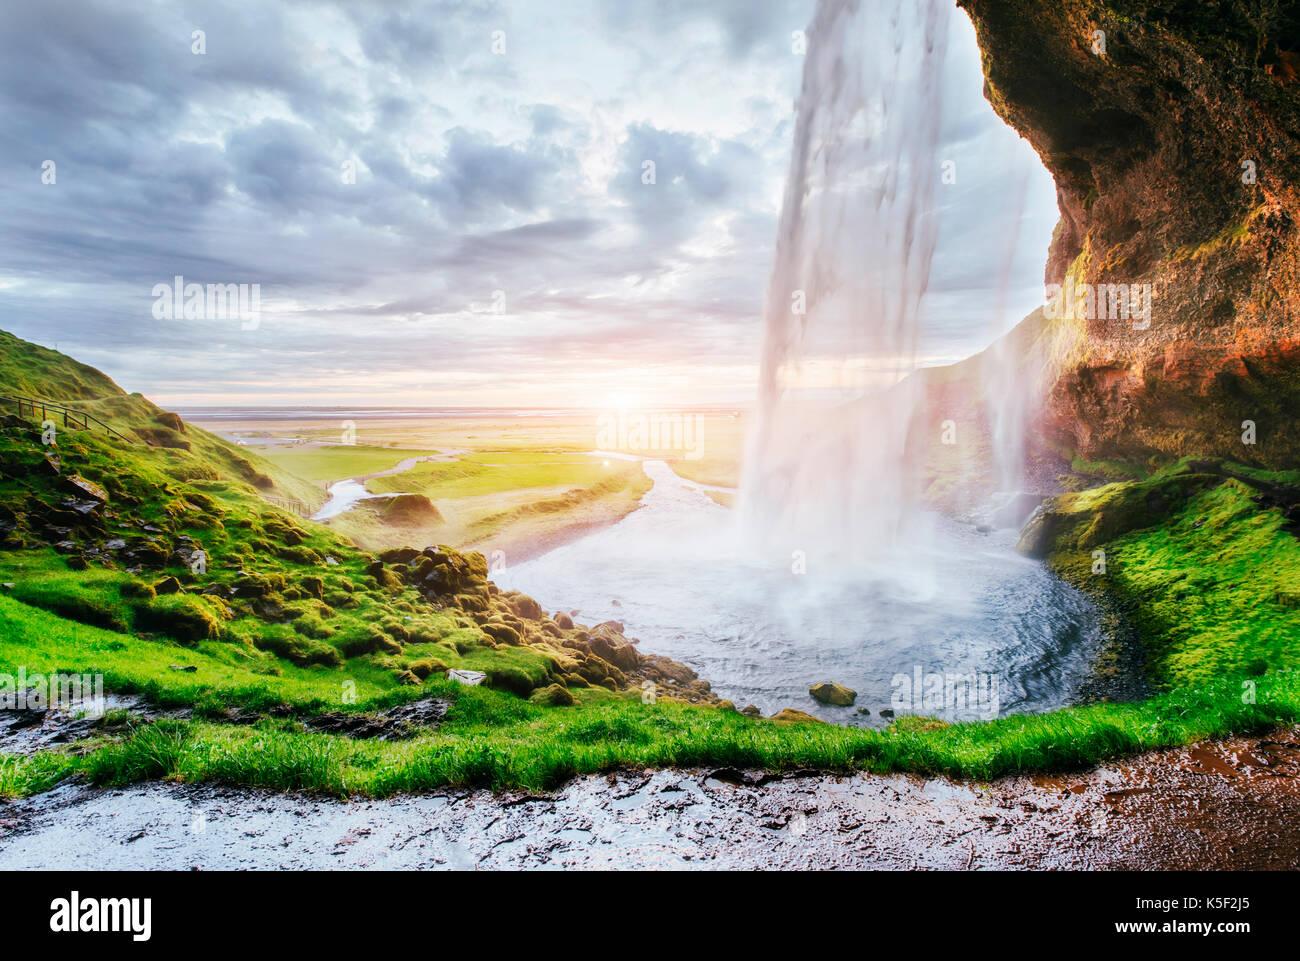 Seljalandfoss Wasserfall bei Sonnenuntergang. Brücke über den Fluss. Fantastische Natur. Island Stockbild